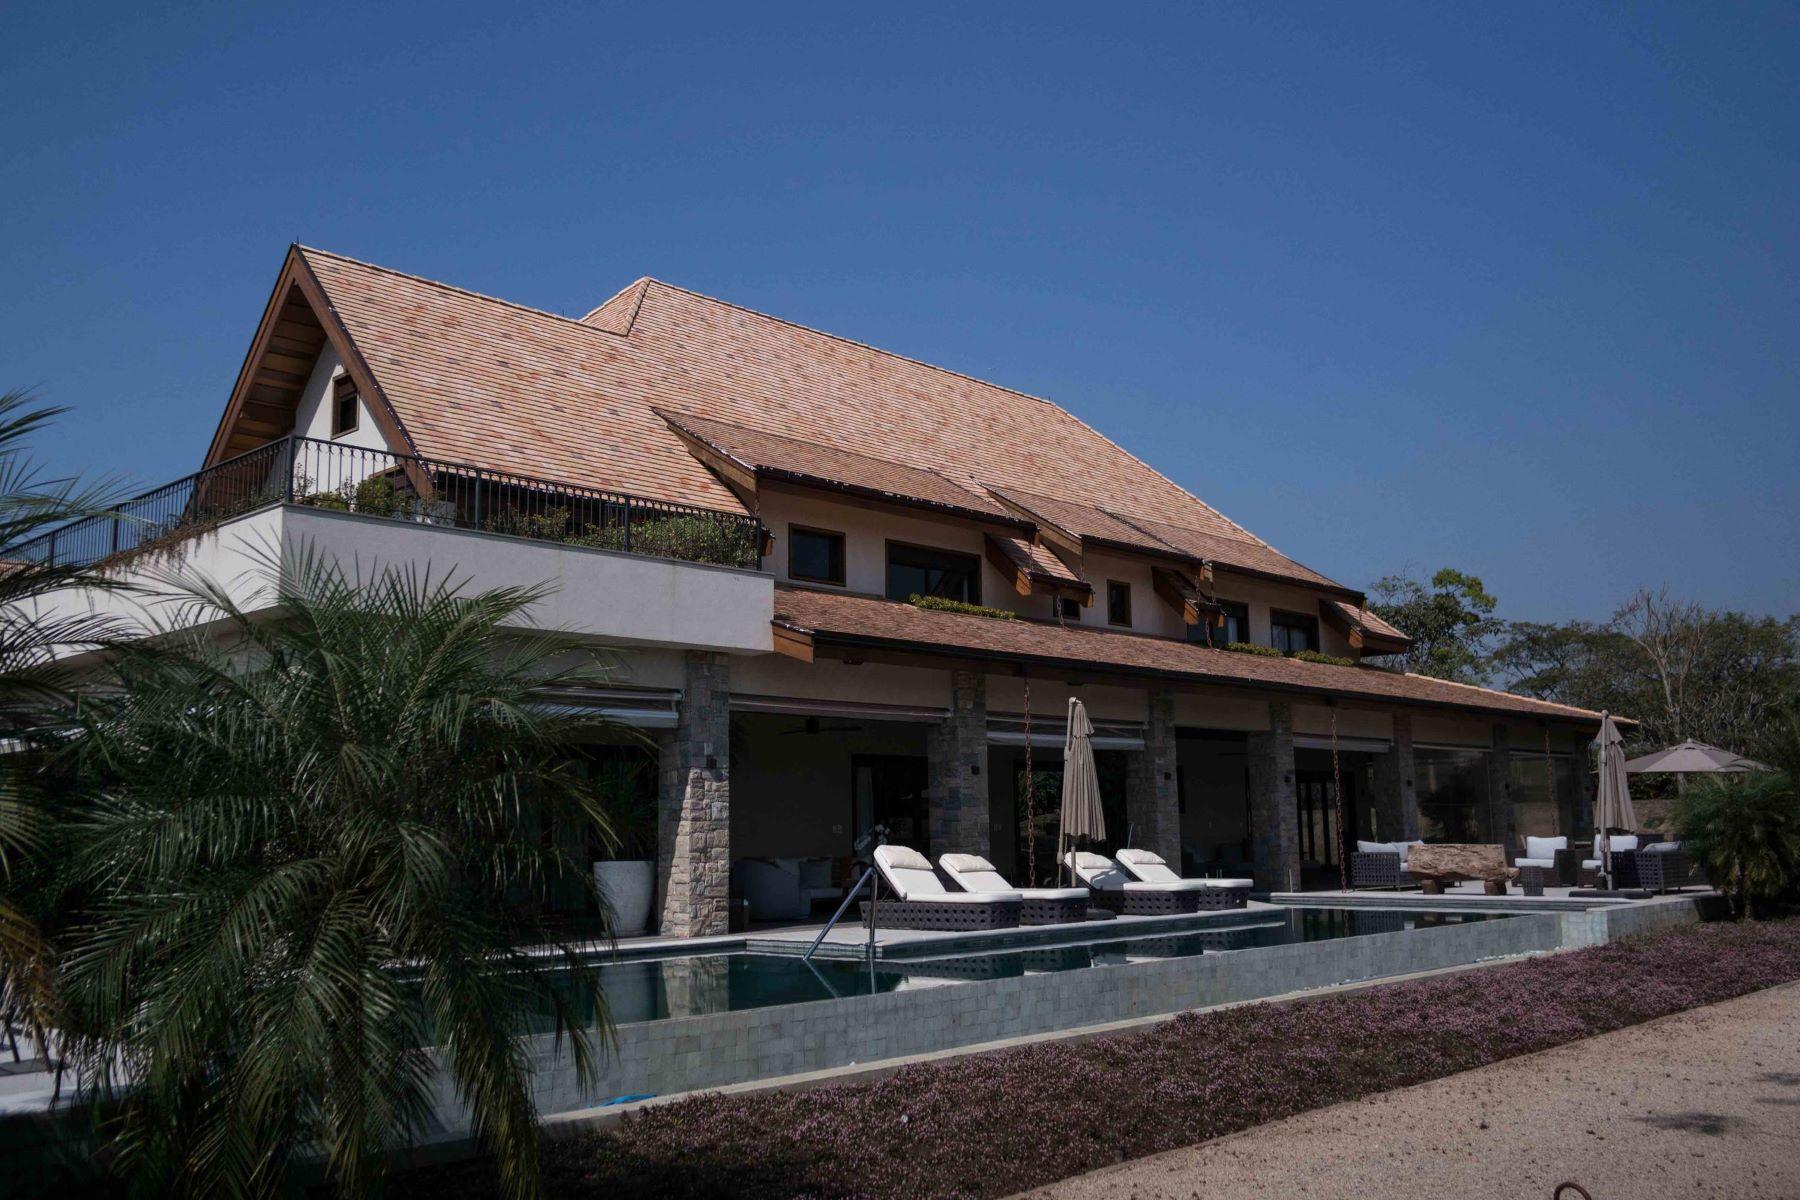 Частный односемейный дом для того Продажа на American Farm Style Rodovia Sumaré - Monte Mor Monte Mor, Сан-Паулу, 13190-000 Бразилия